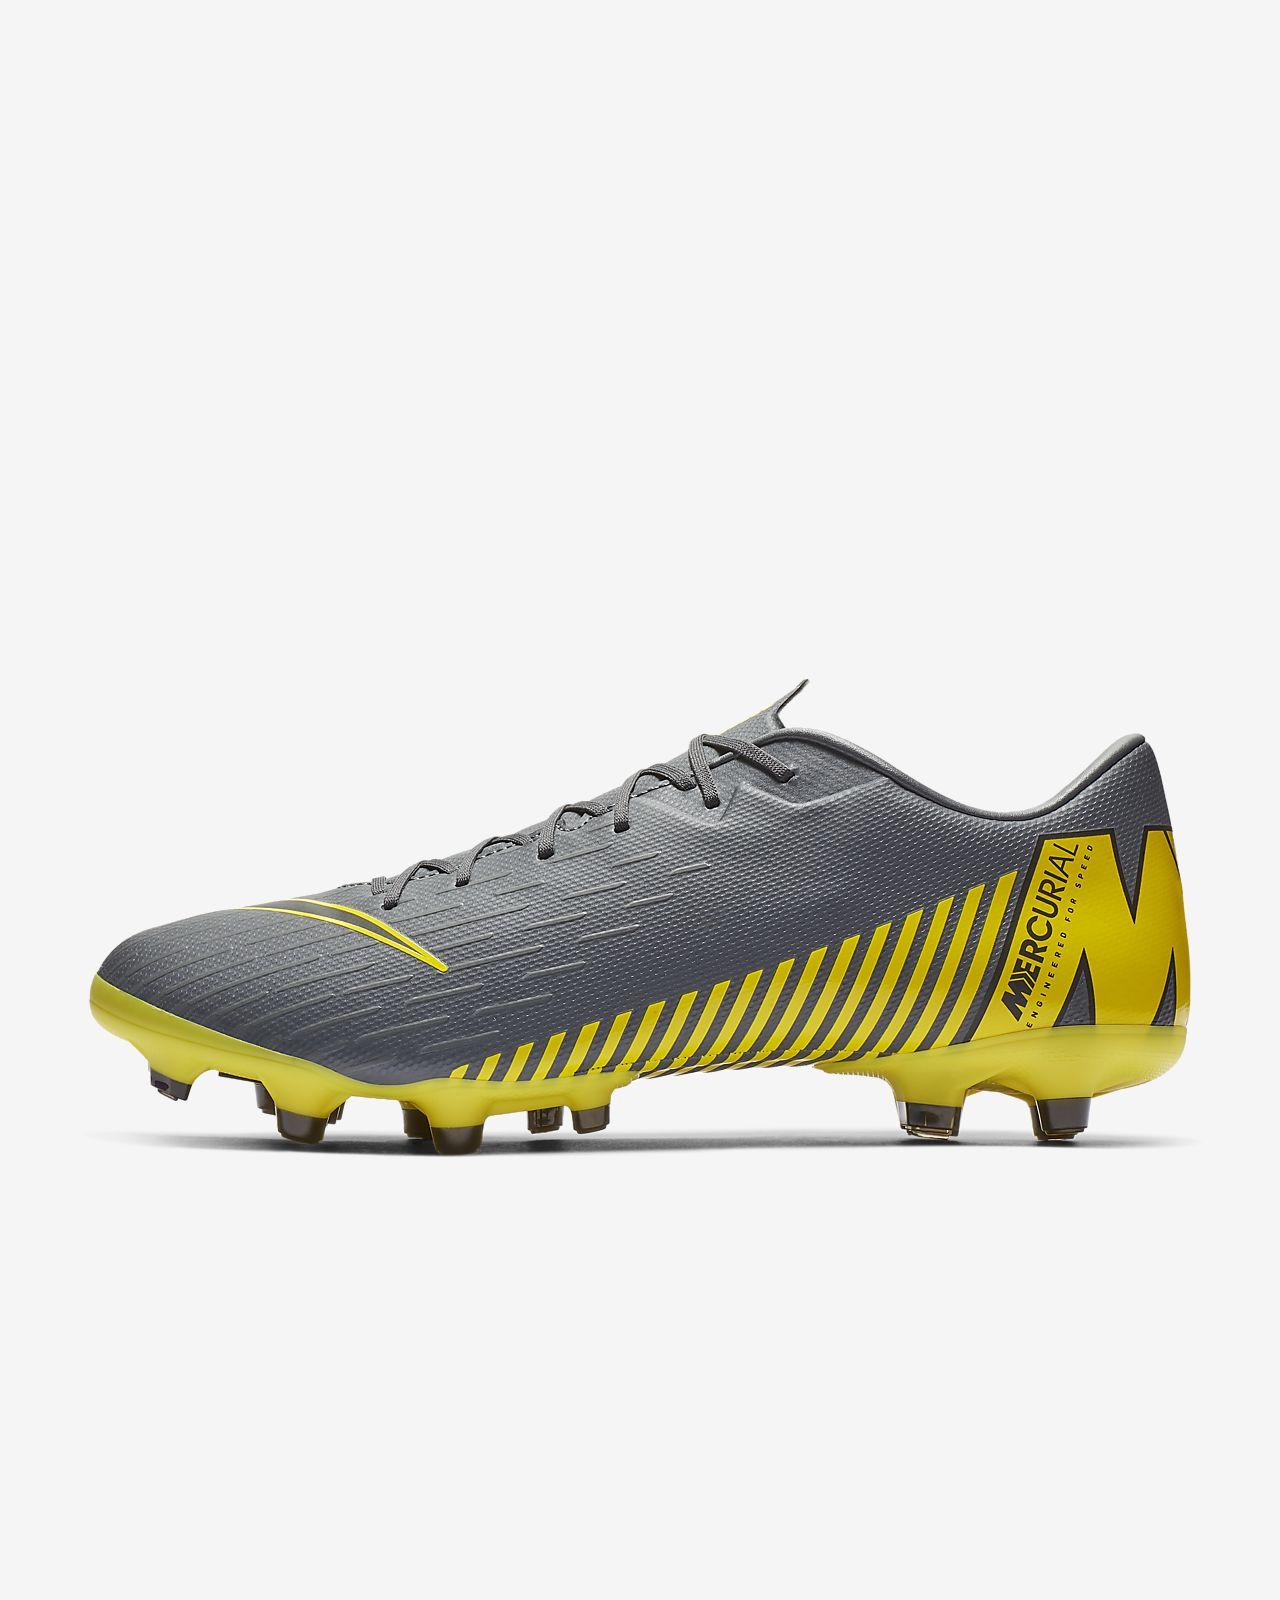 reputable site 100fd 333fb ... Nike Vapor 12 Academy MG Voetbalschoen (meerdere ondergronden)